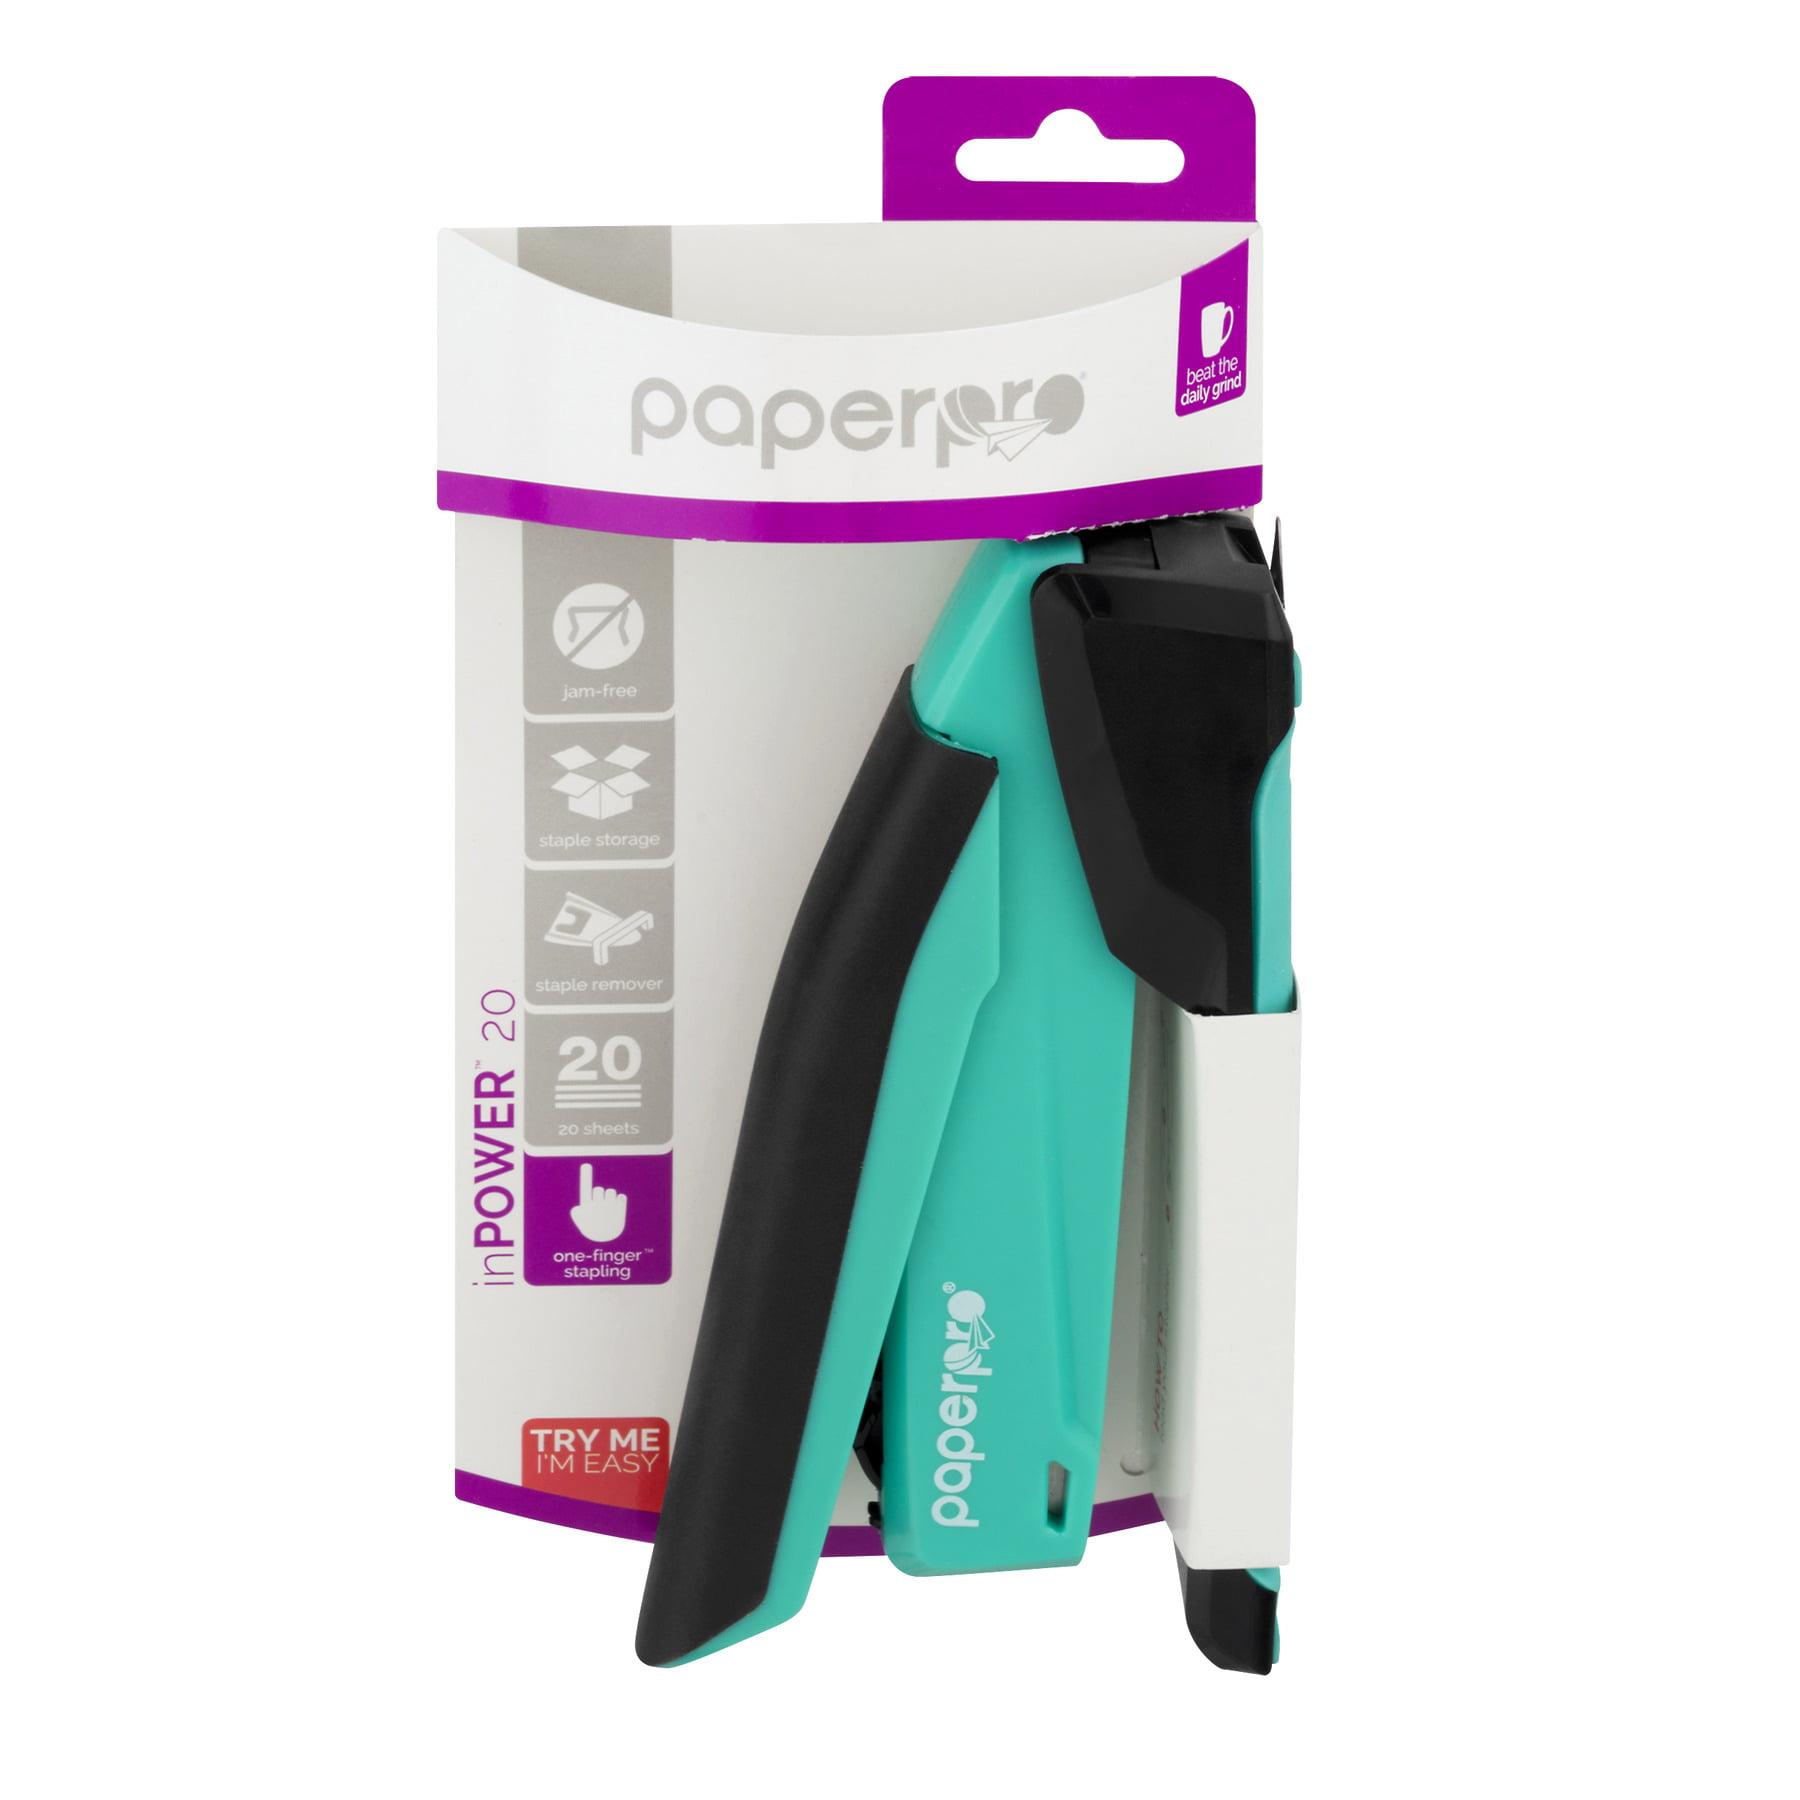 PaperPro inPOWER 20 Desktop Stapler, Assorted Colors